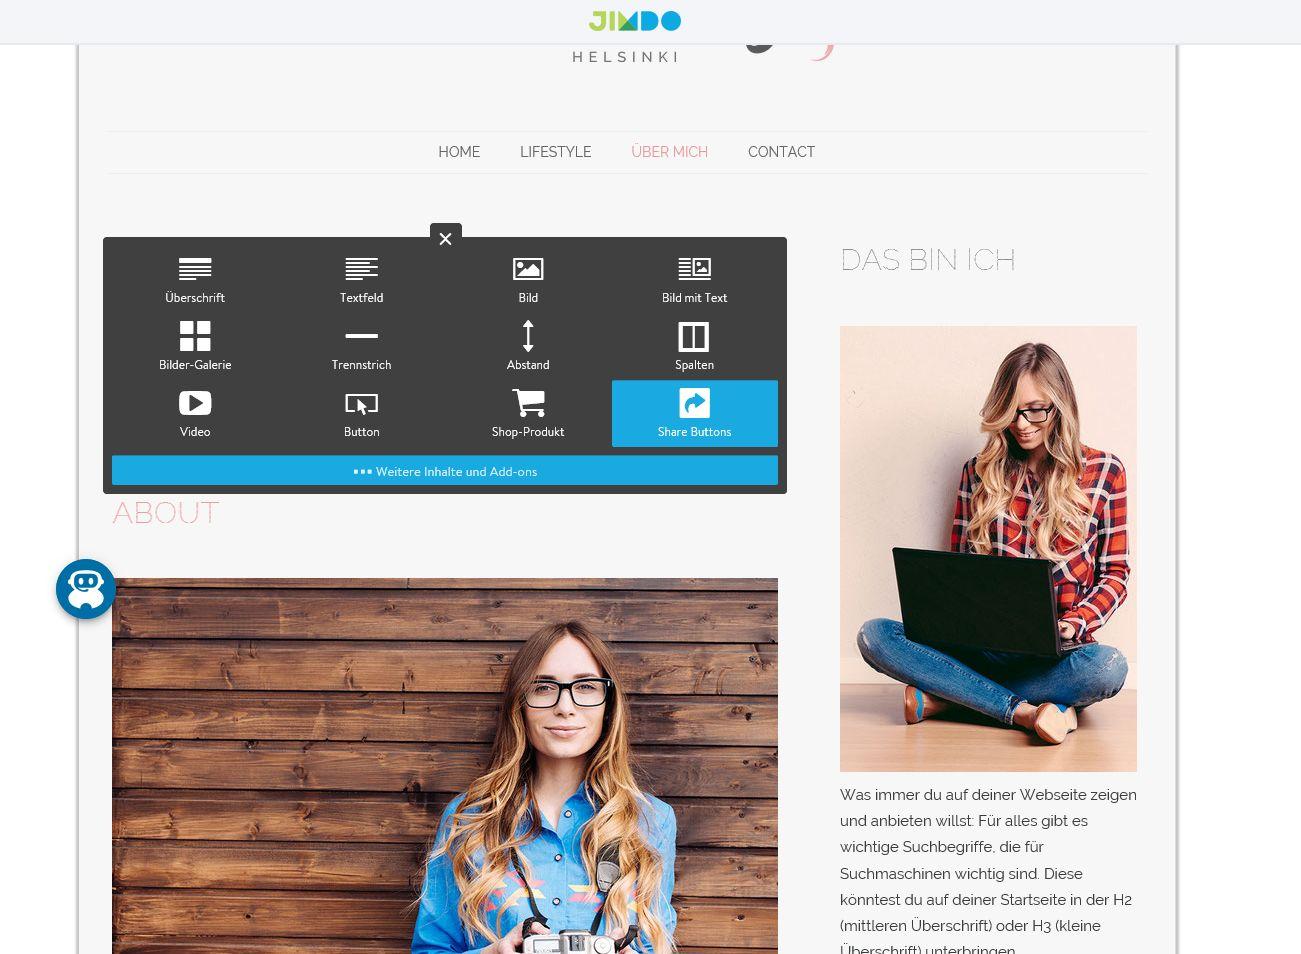 Kostenlose Website erstellen mit Jimdo - Schritt 8: Inhalte